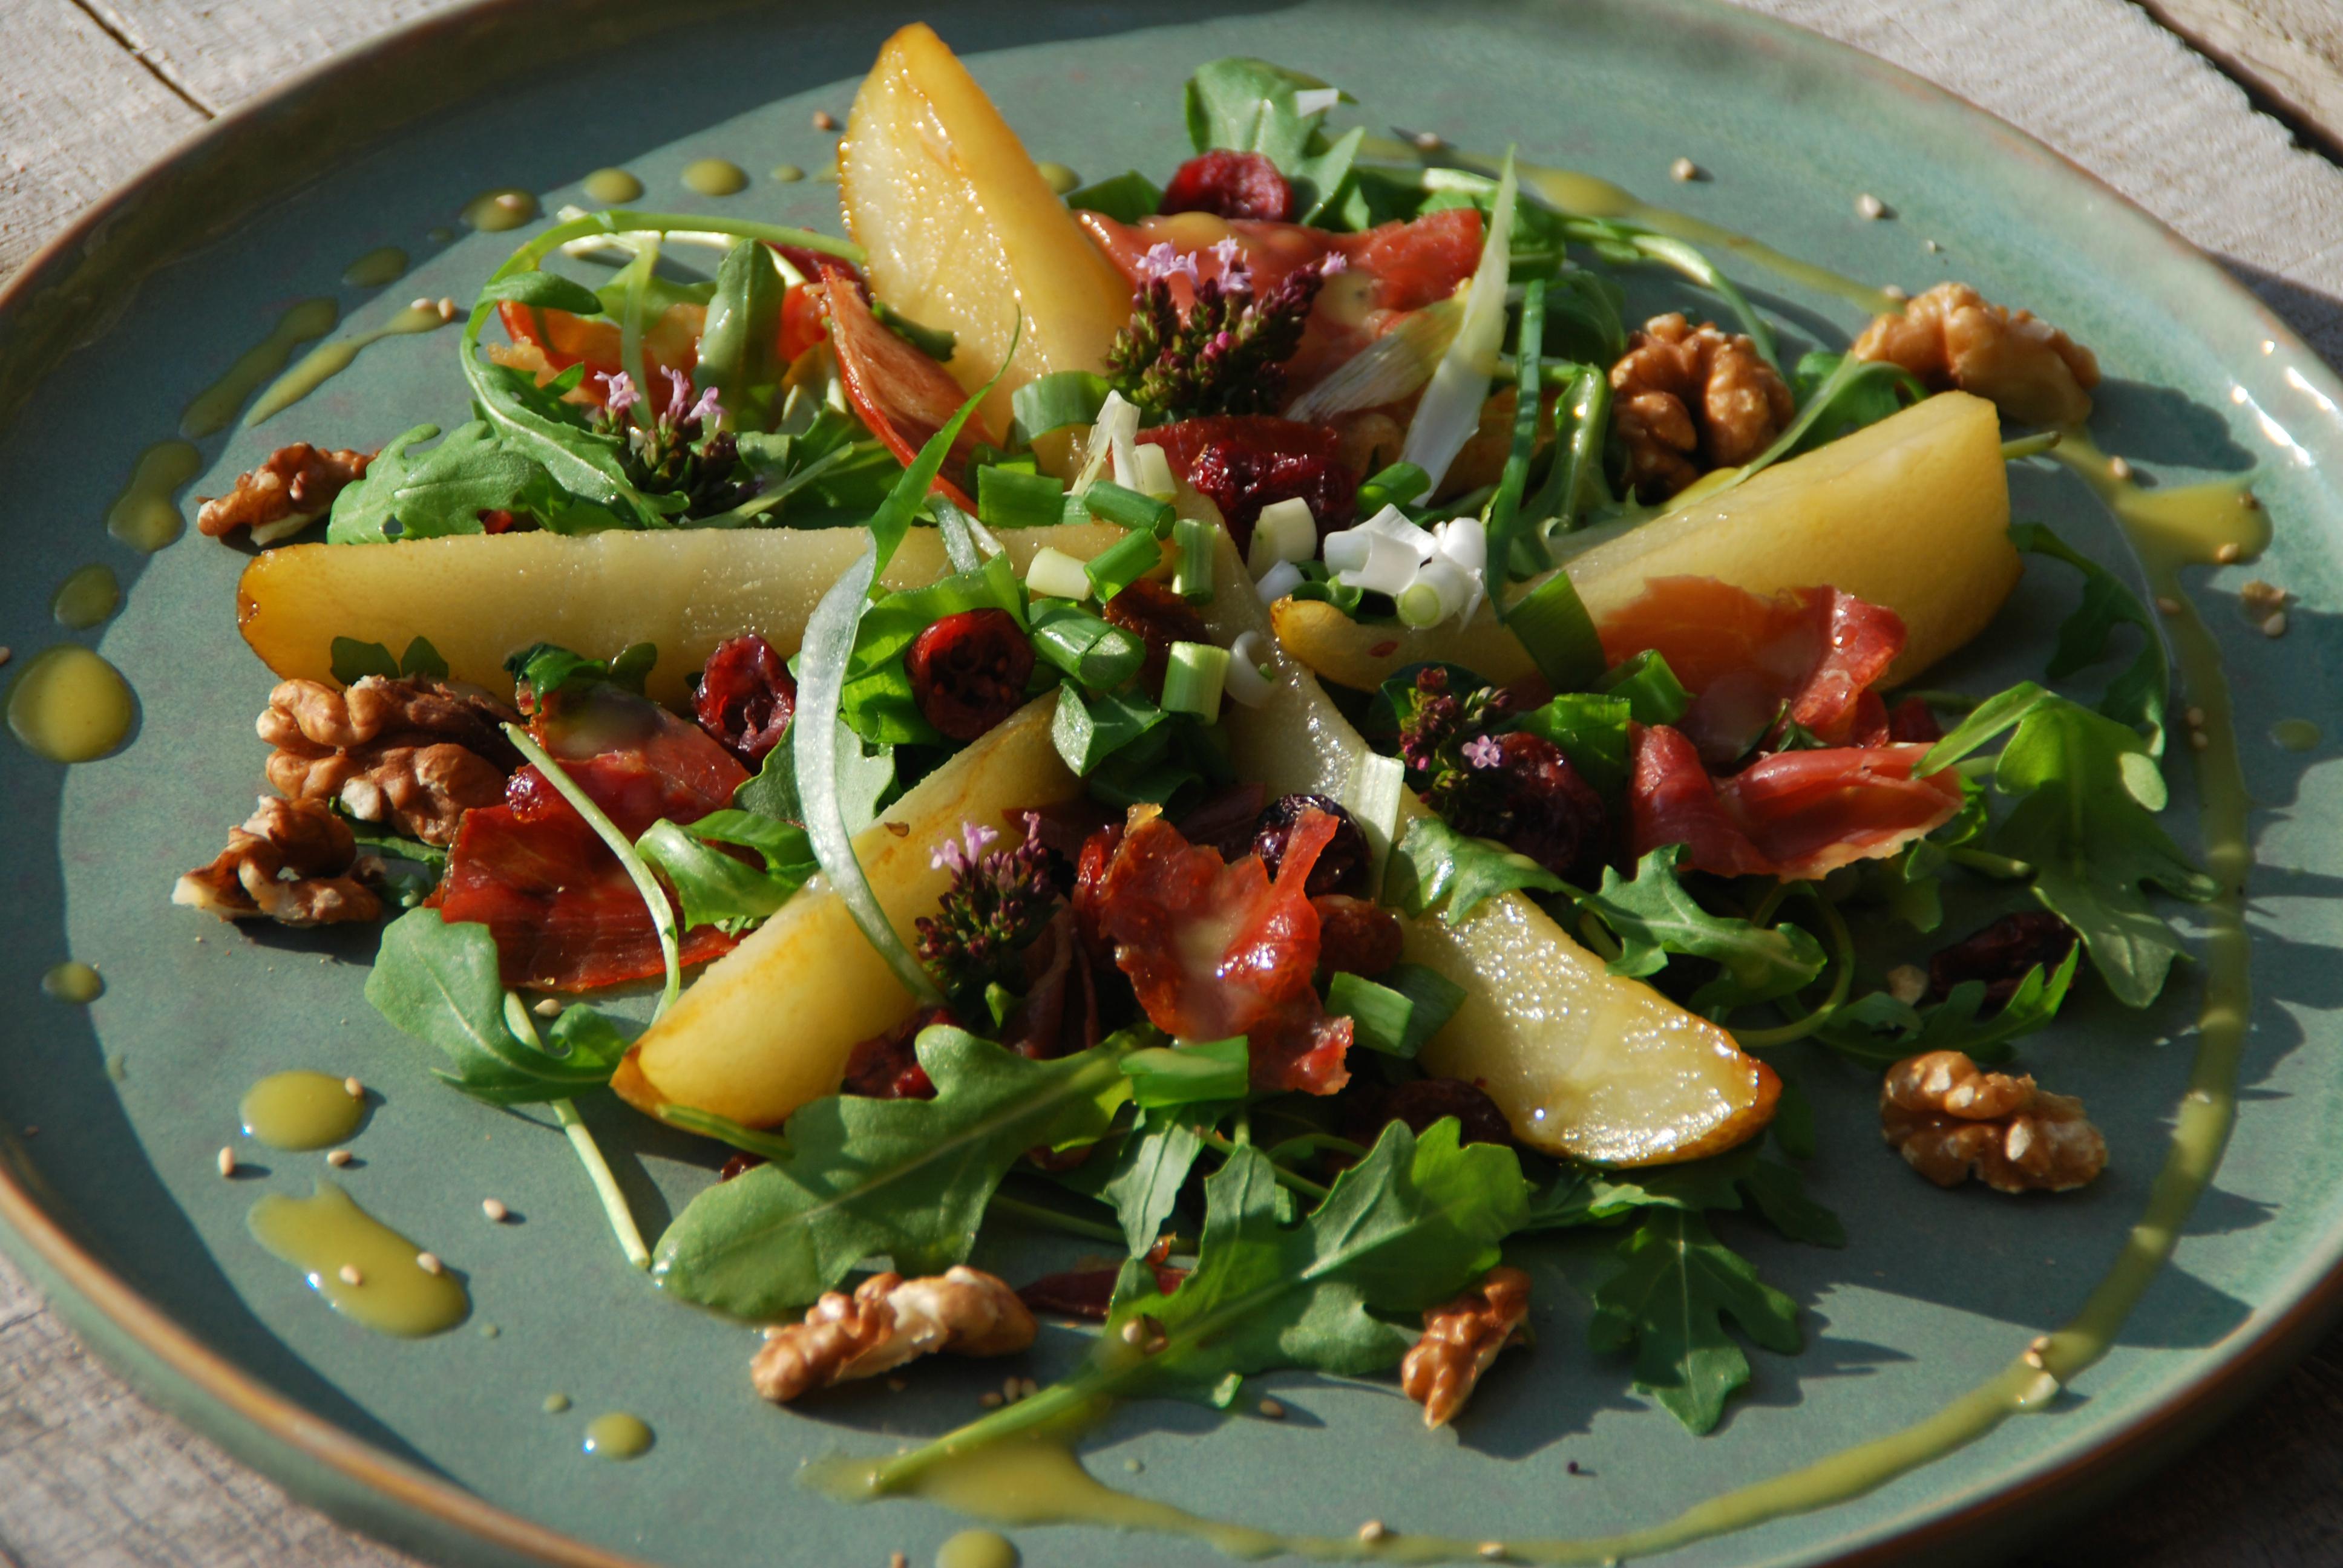 Salade met peer en serranoham - www.truitjeroermeniet.be